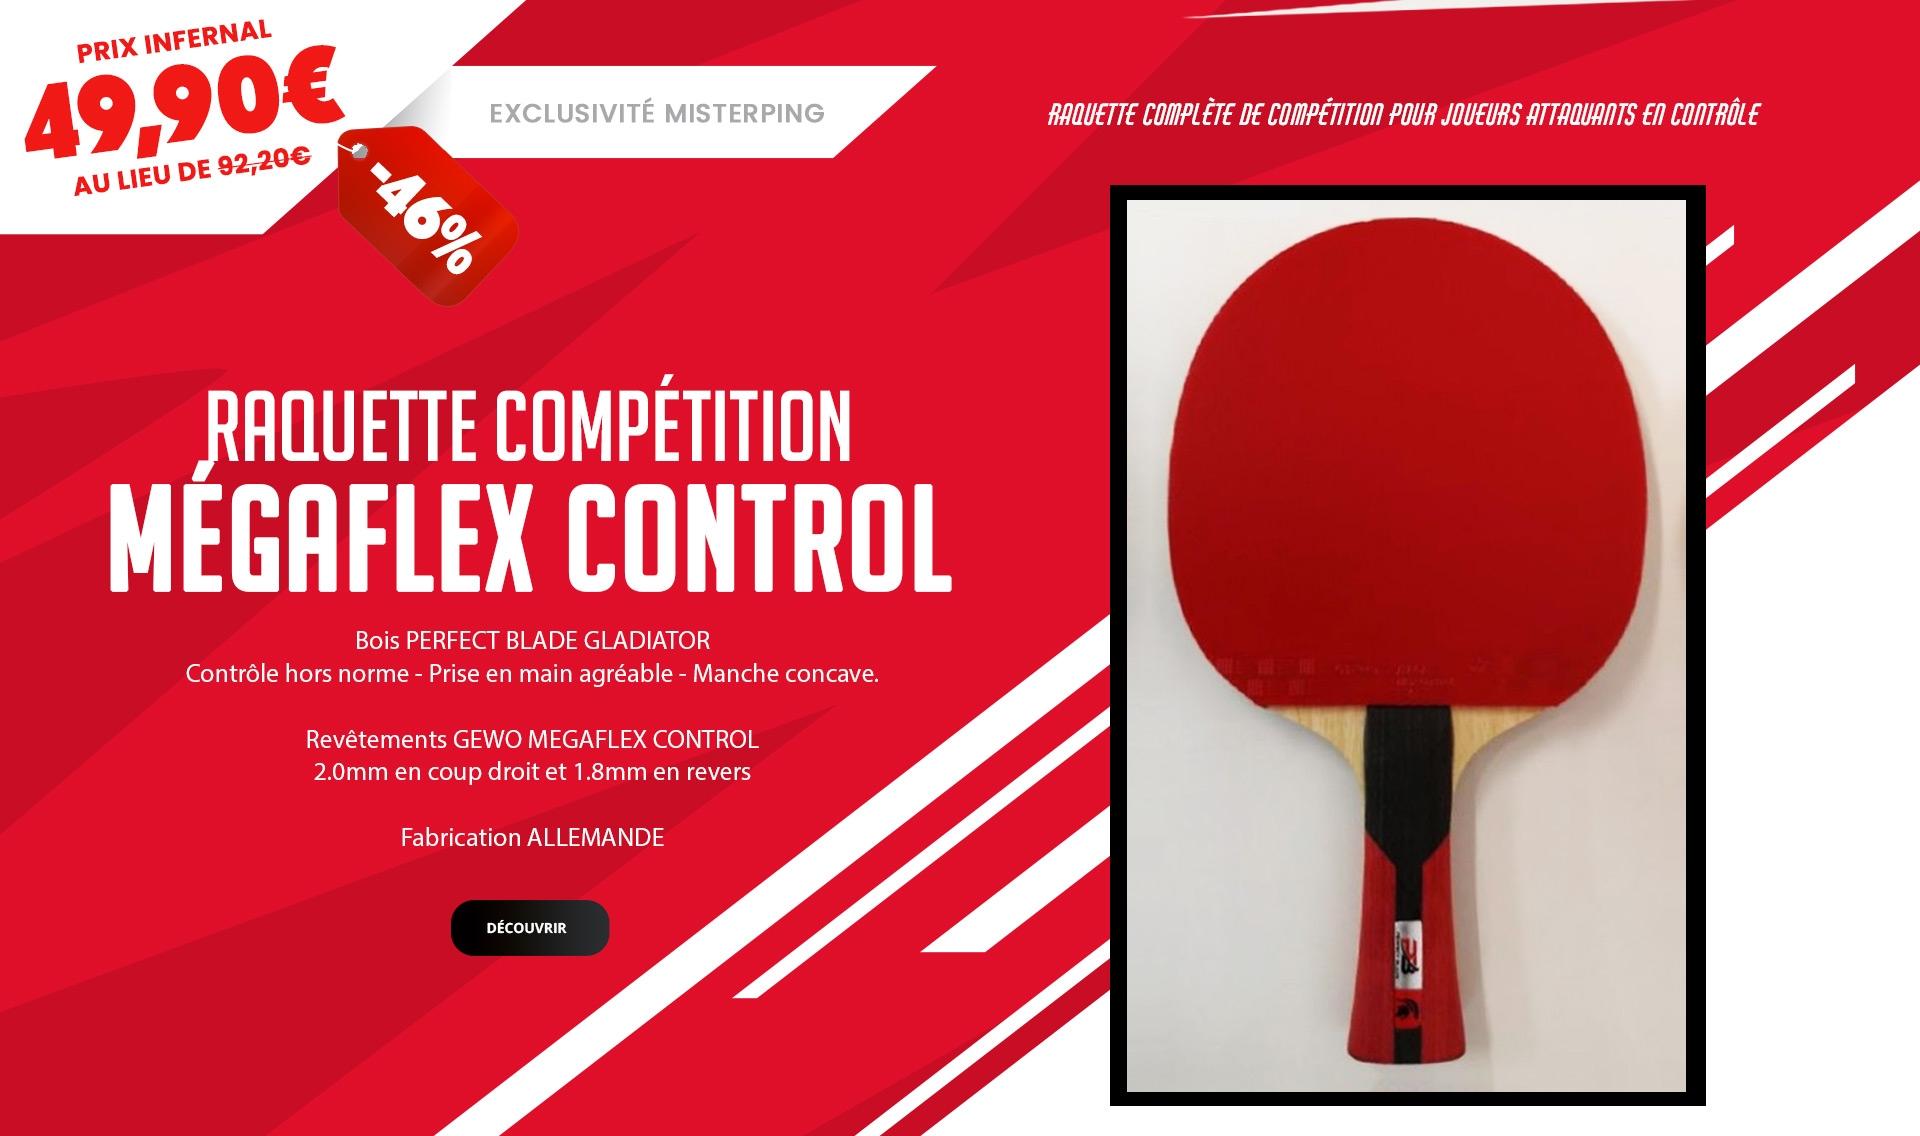 Raquette Megaflex Competition